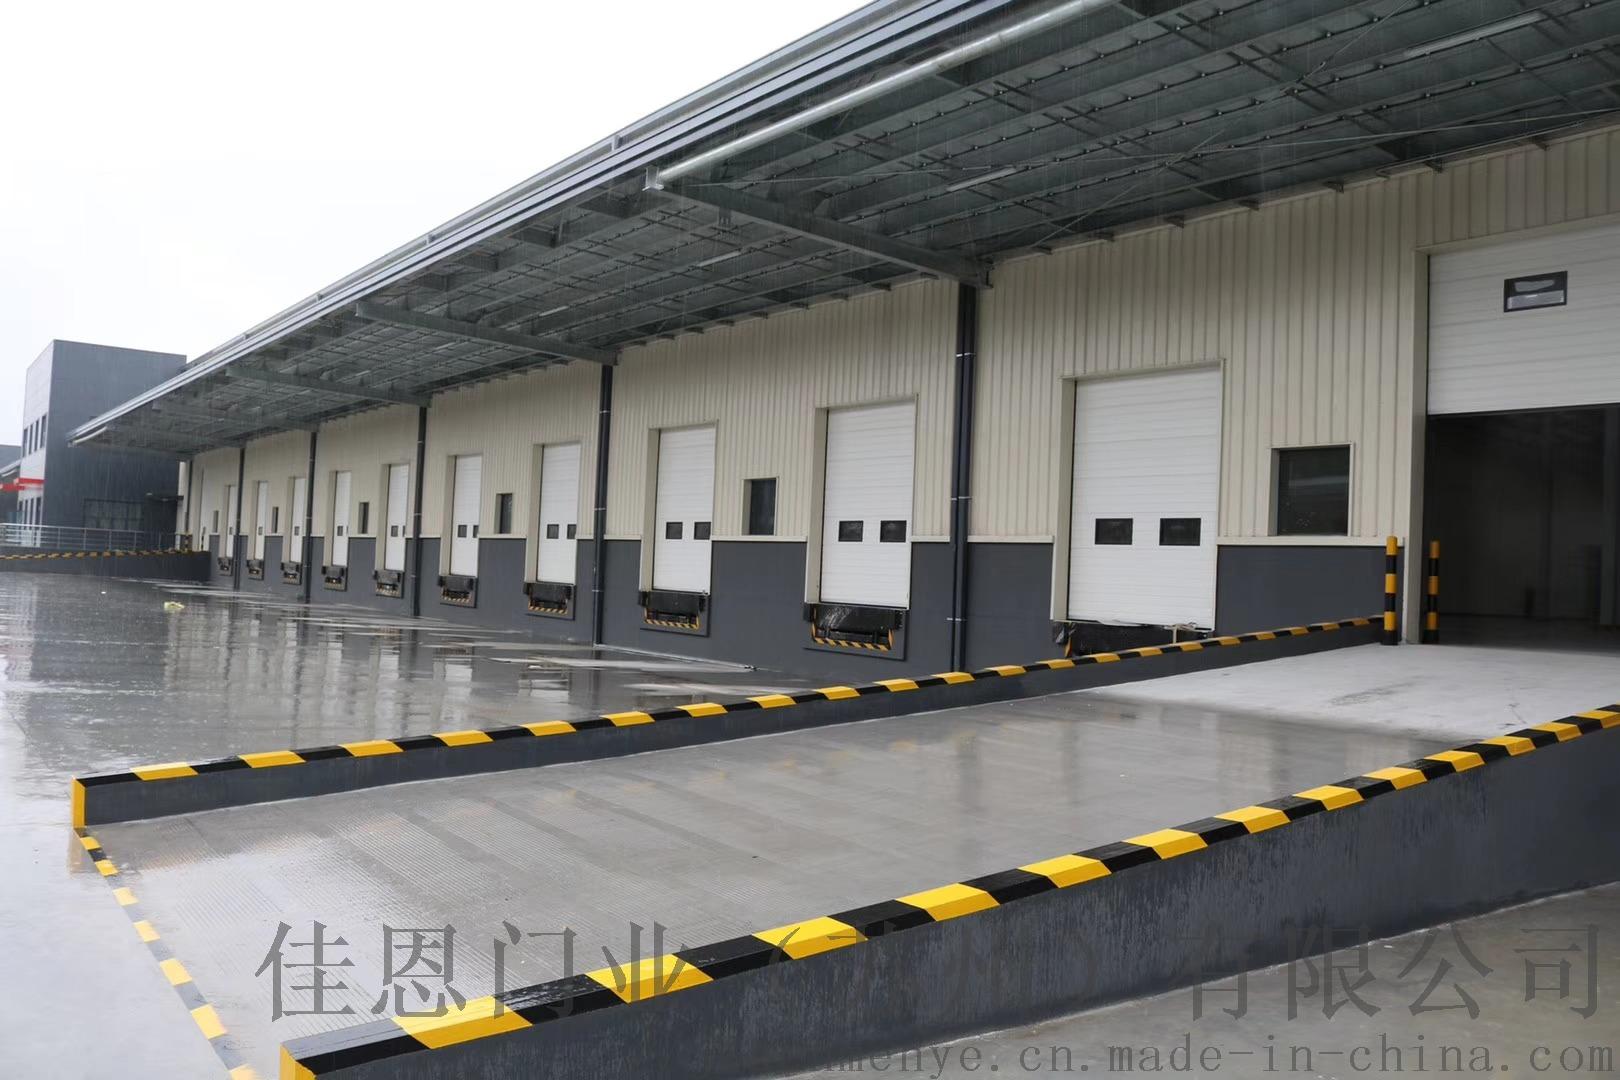 月台辅助装卸设备调节板 电动装卸货升降平台115729965